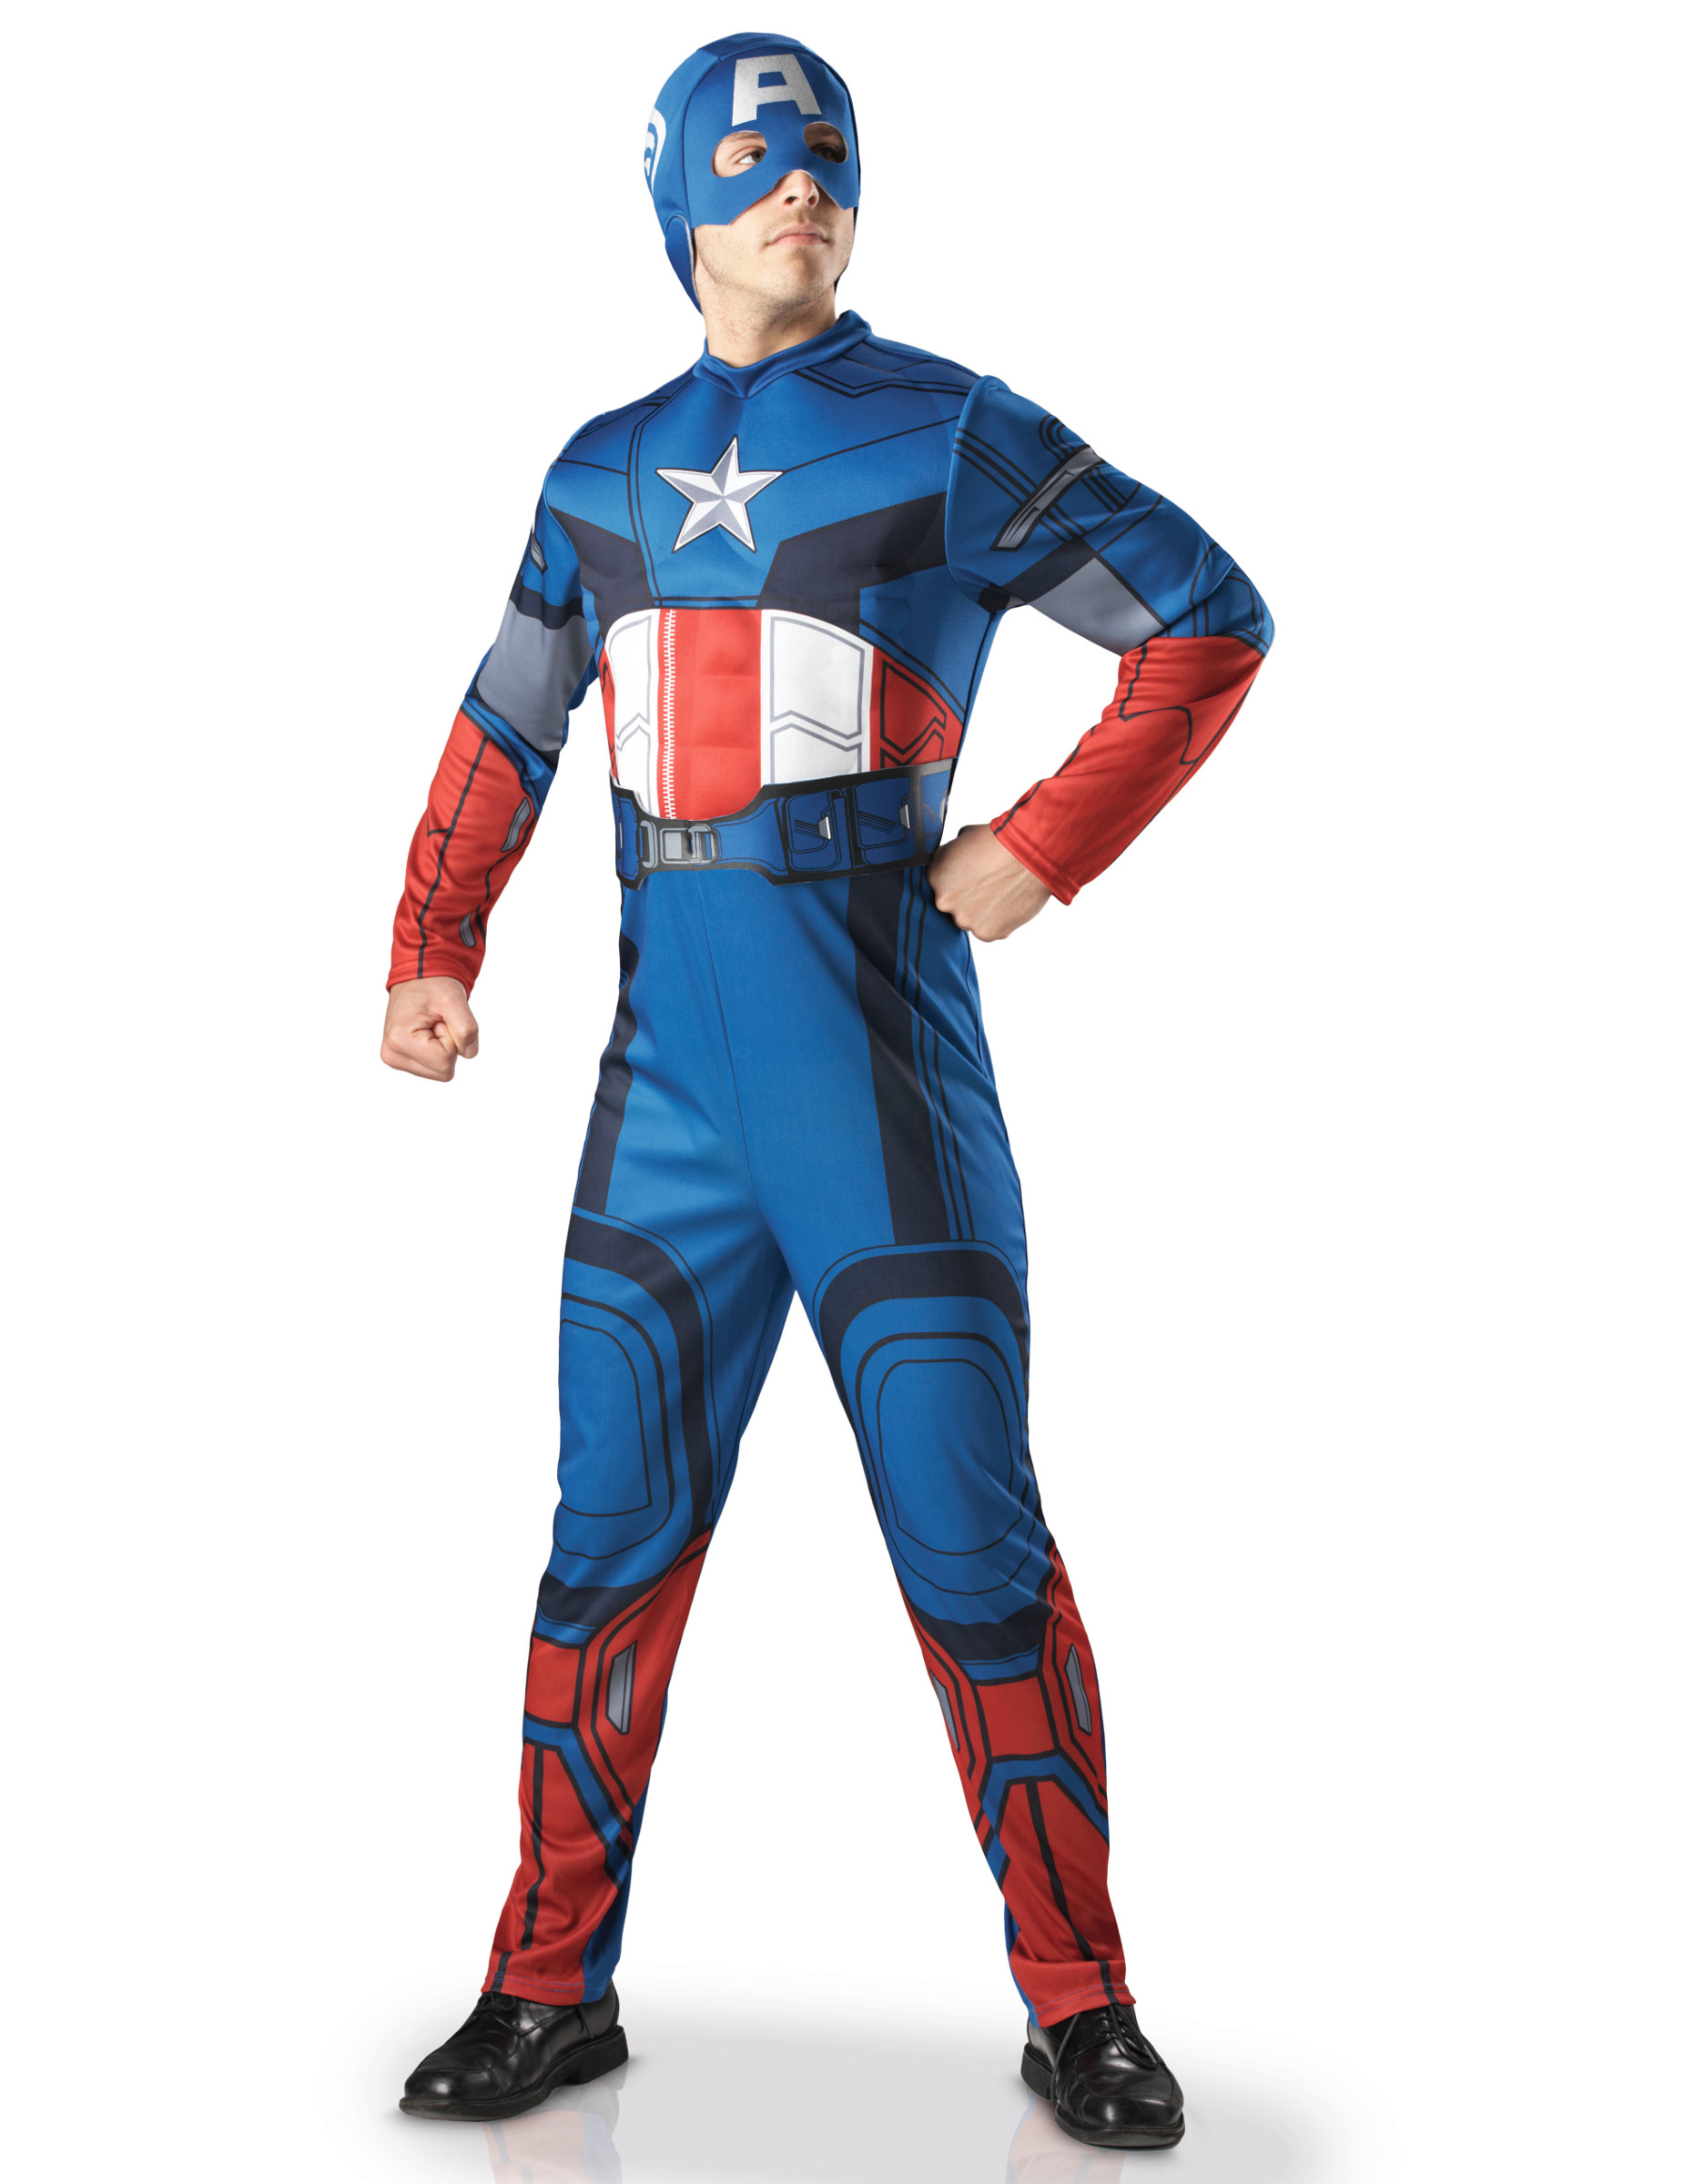 Spiksplinternieuw Deluxe Avengers Captain America™ pak voor mannen - Vegaoo.nl GK-04